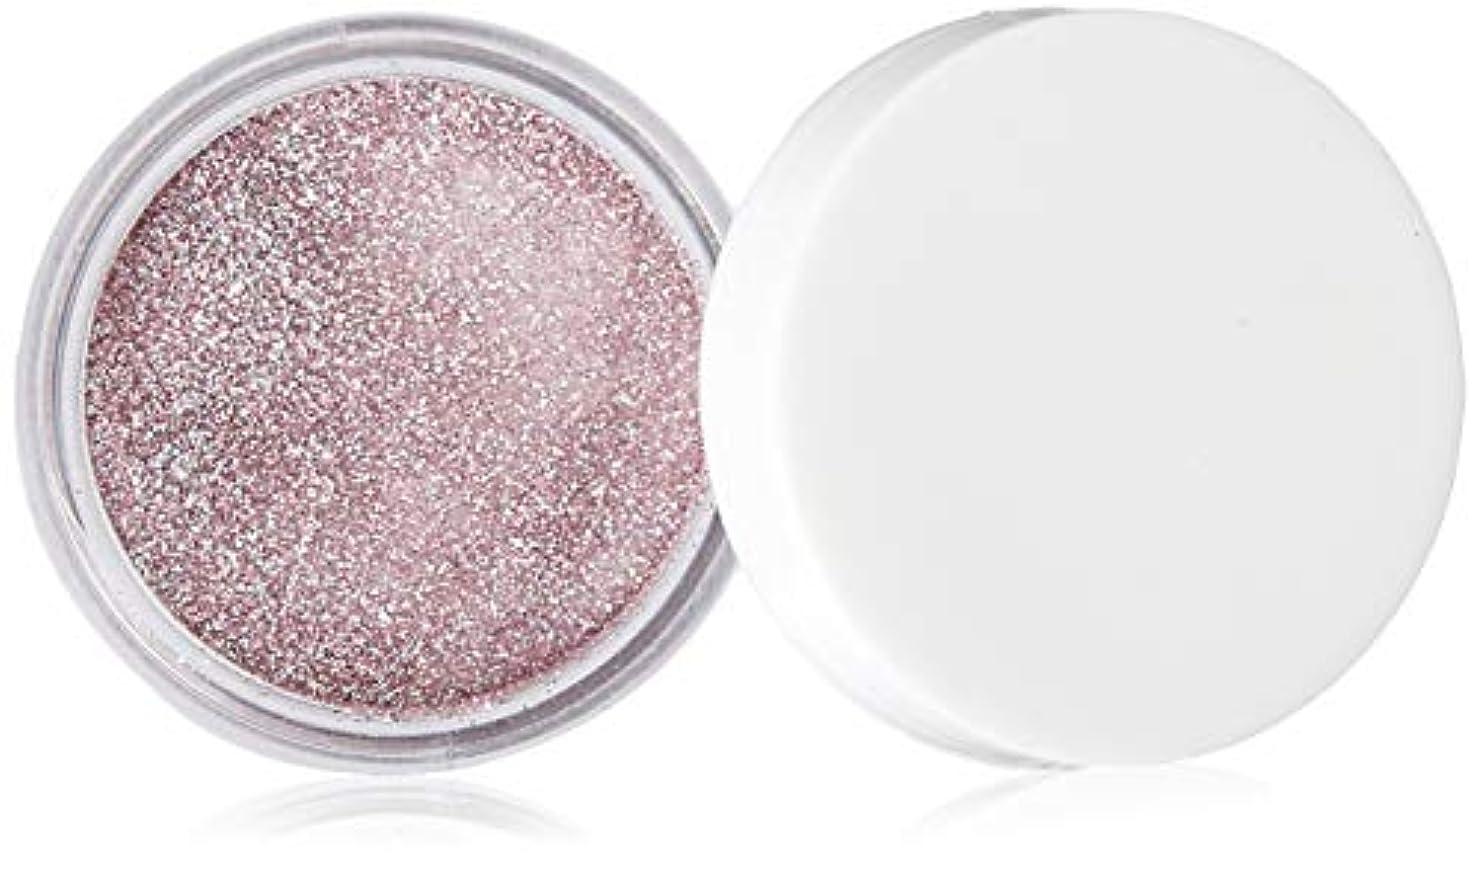 顔料くすぐったい暴君Harmony Gelish - Acrylic Dip Powder - June Bride - 23g / 0.8oz